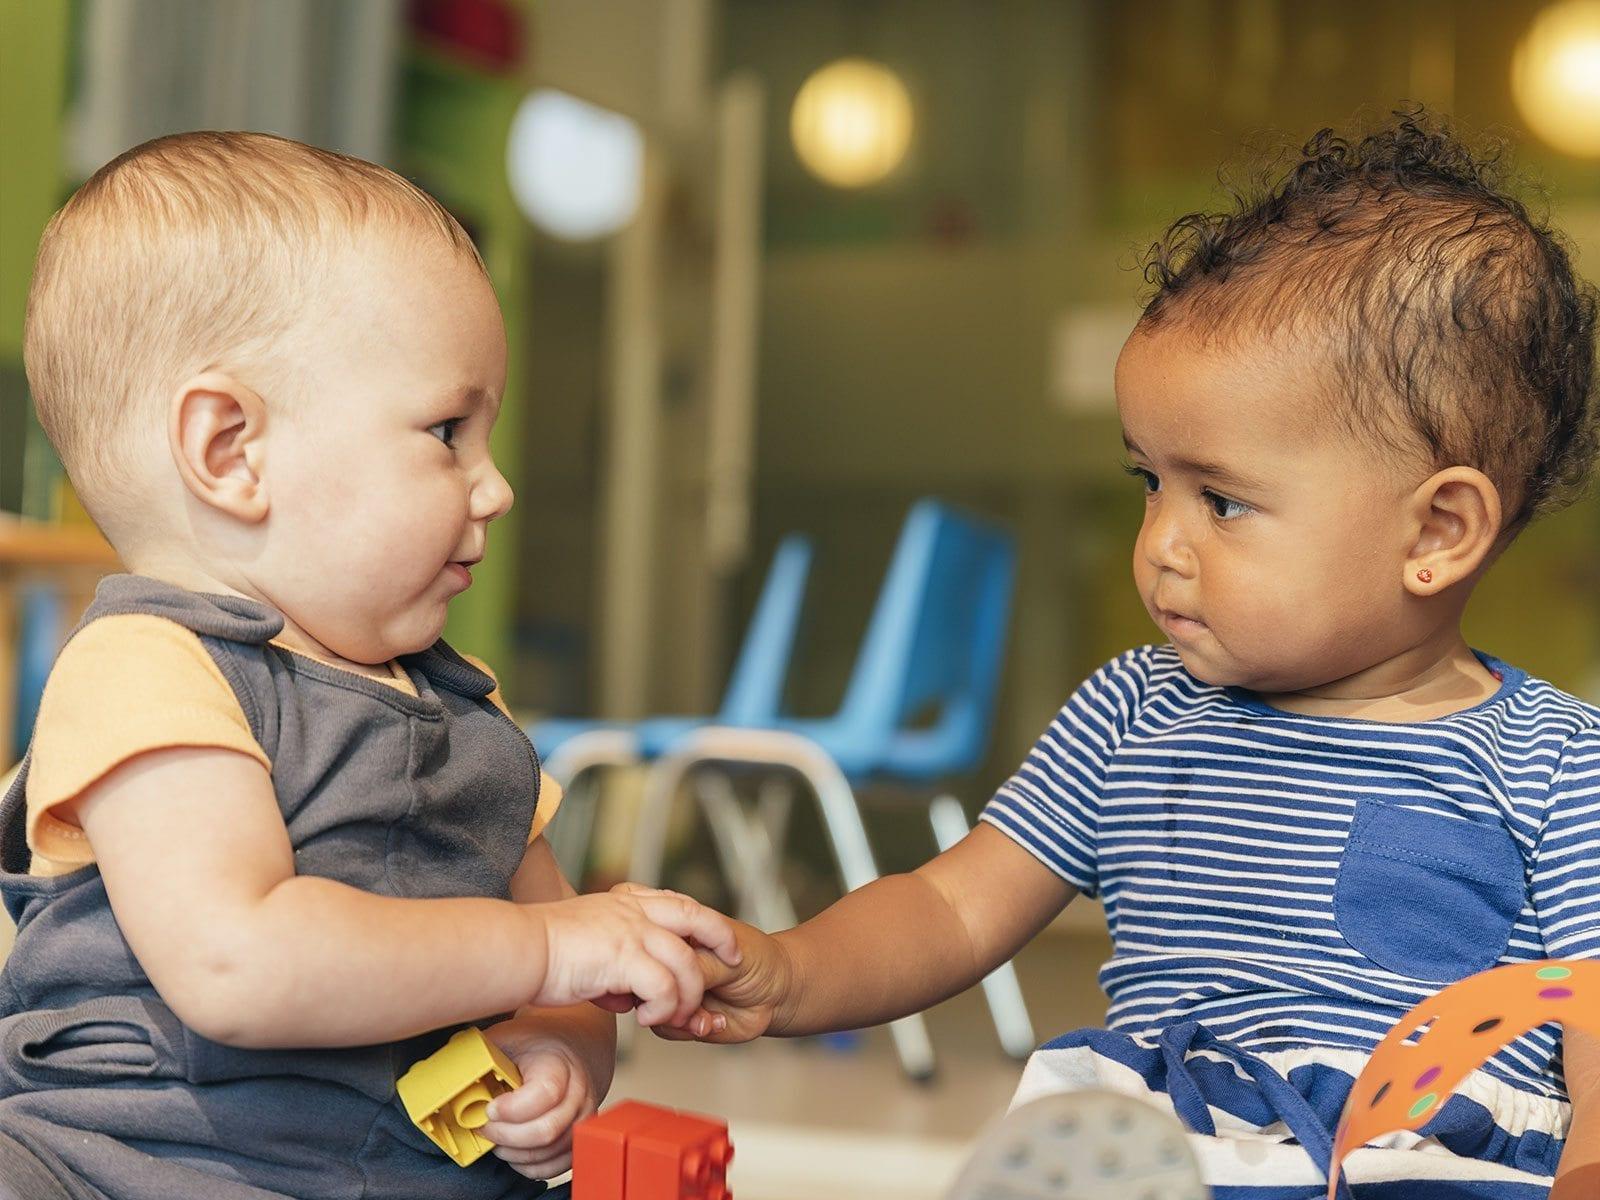 Kinderdagverblijf Den Haag